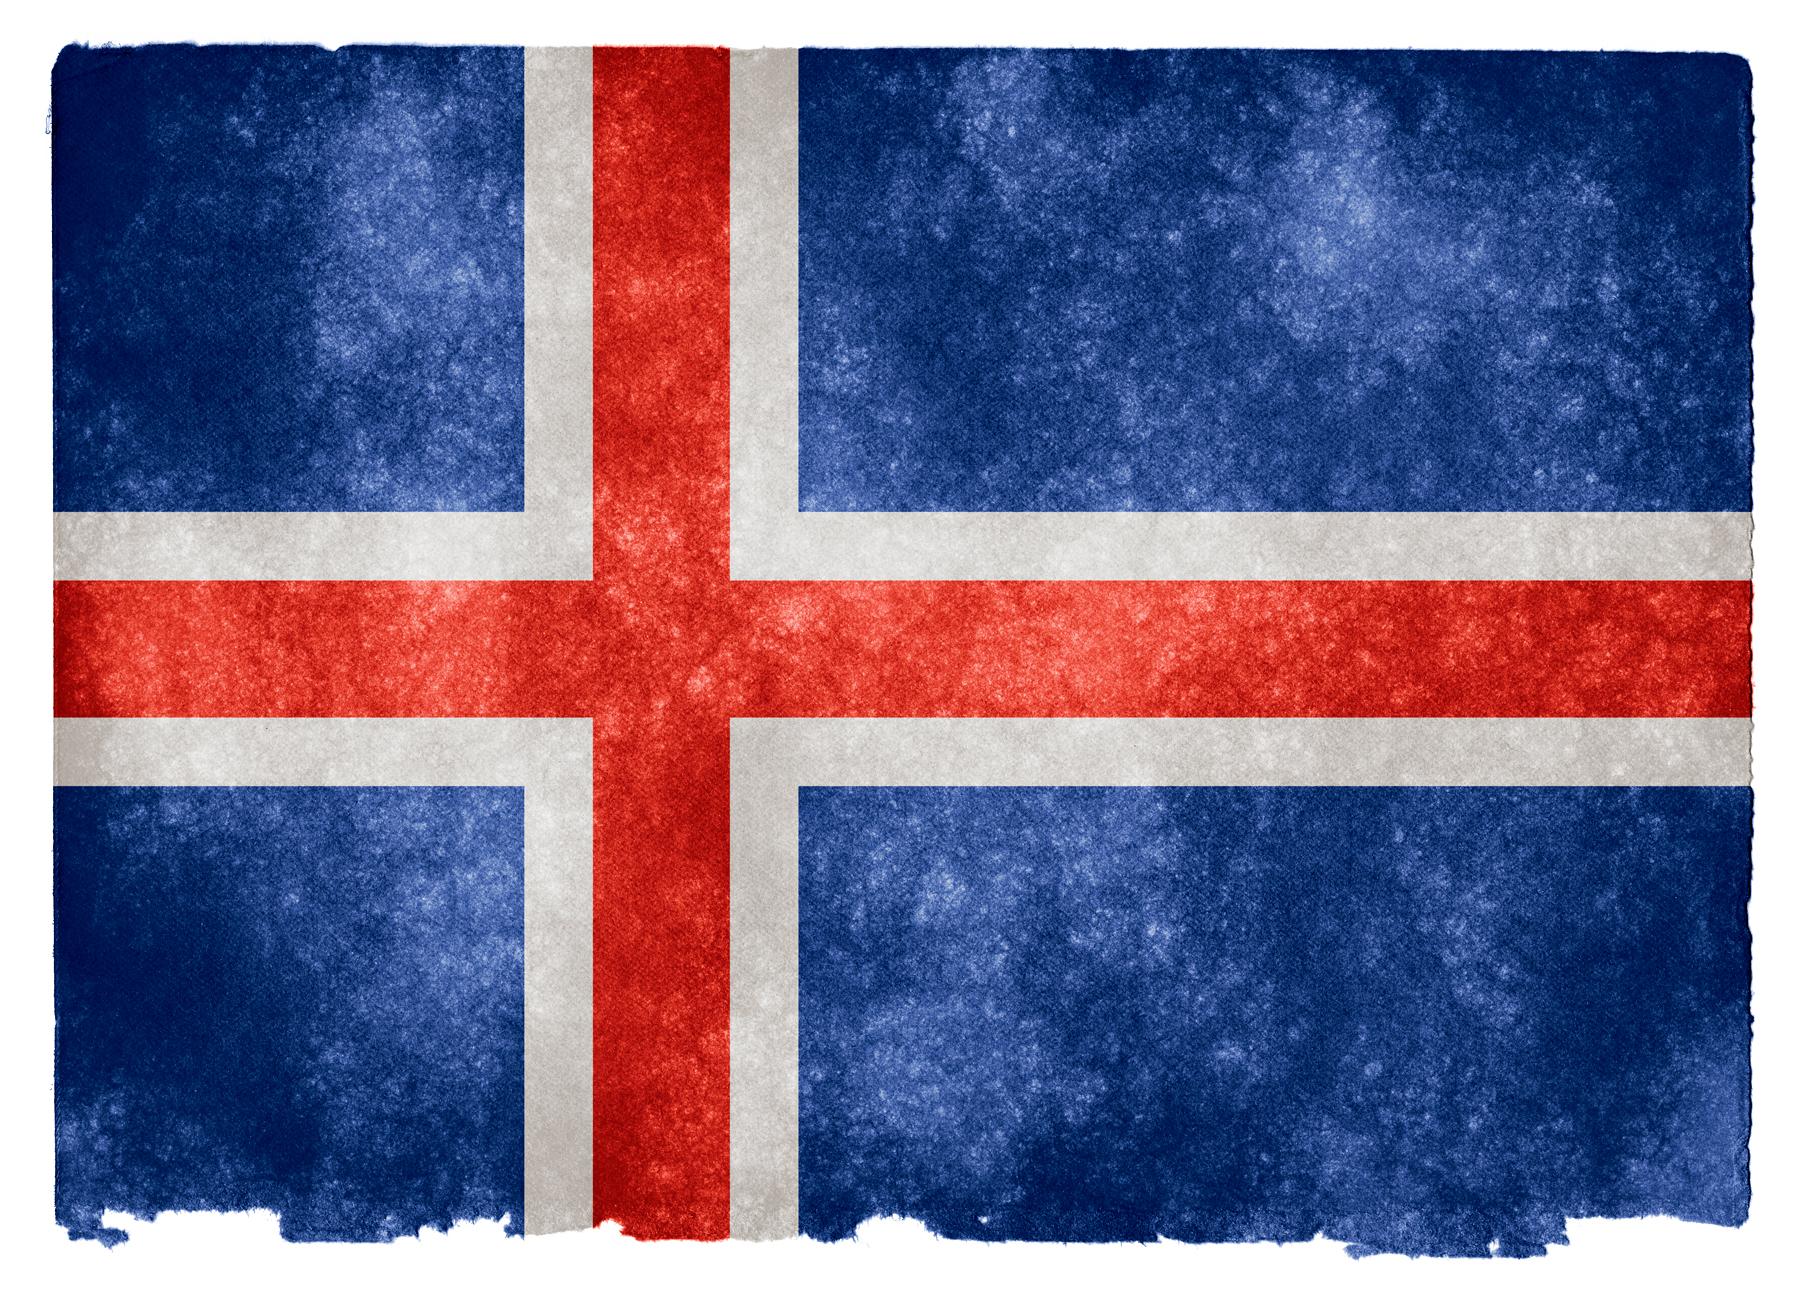 Iceland Grunge Flag, Aged, Proud, Nation, National, HQ Photo